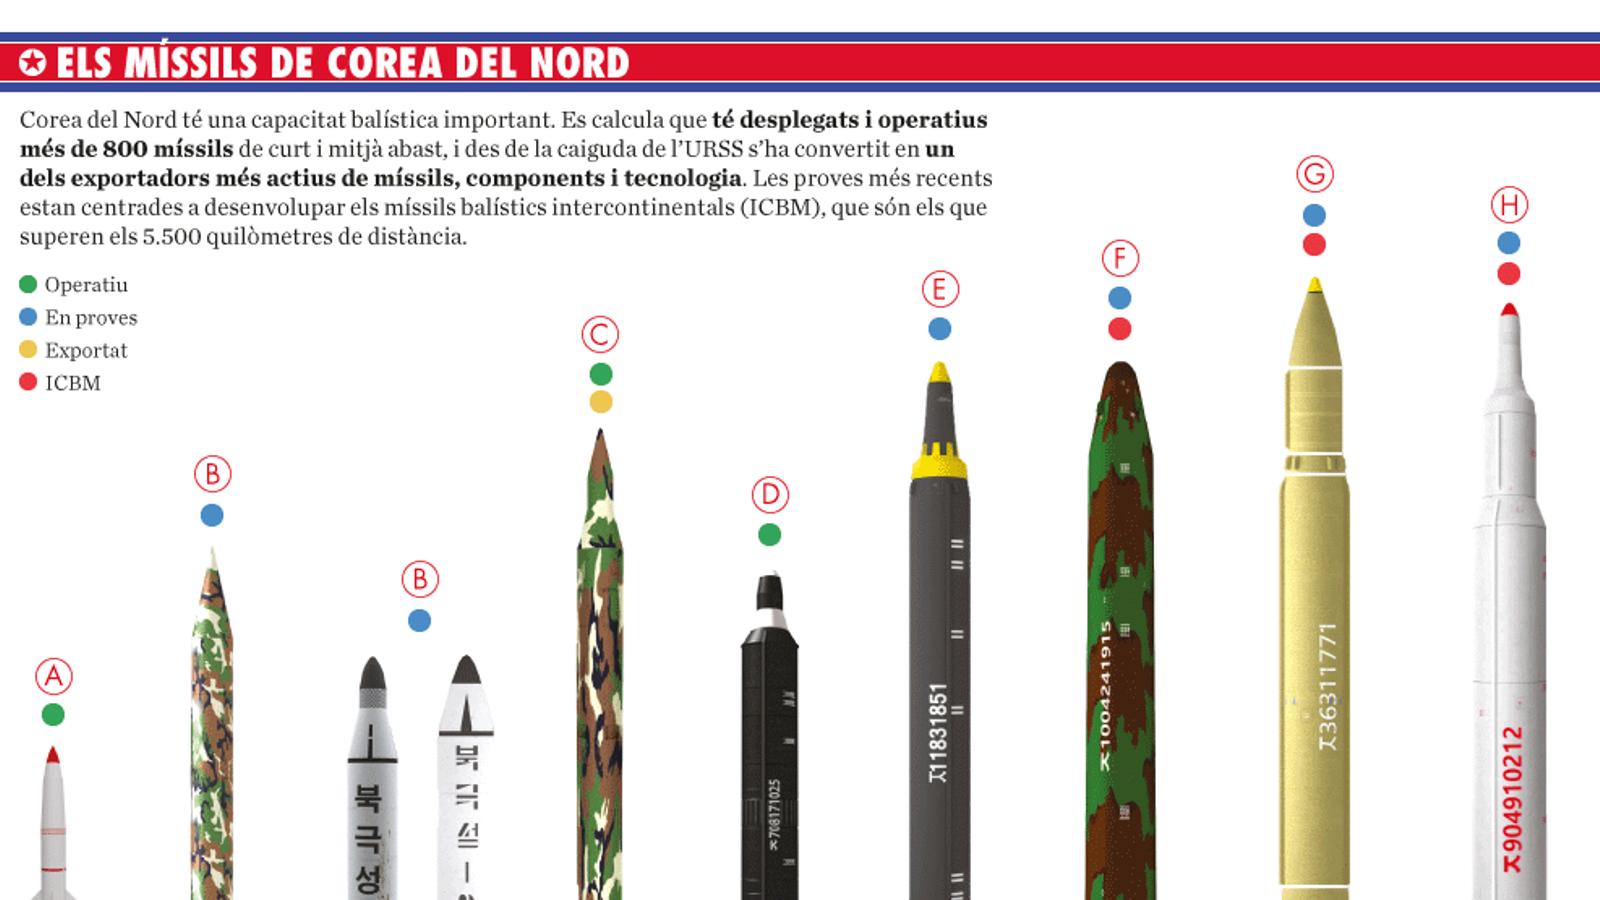 L'arsenal nuclear de Corea del Nord